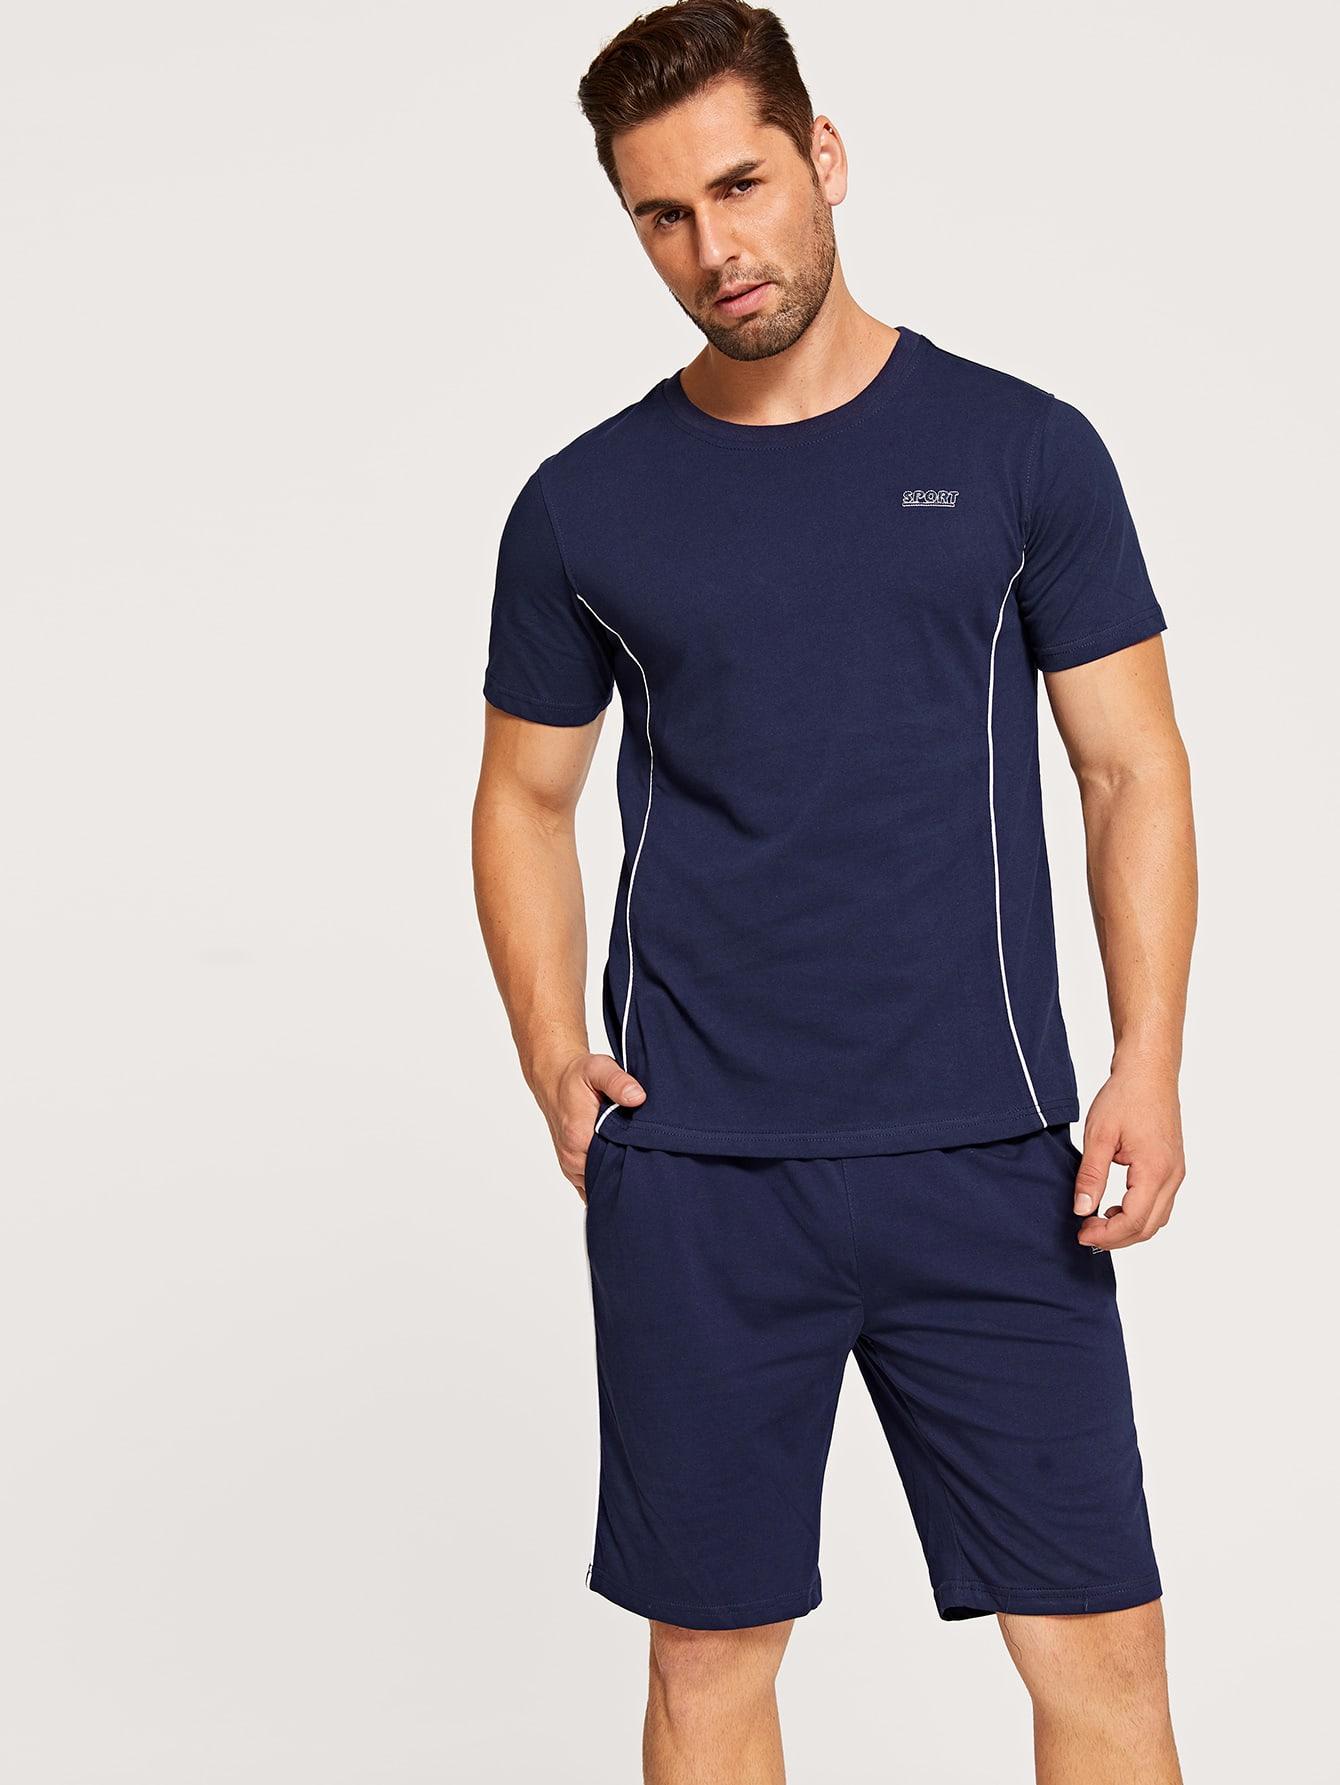 Фото - Мужские шорты и футболка с текстовой вышивкой от SheIn цвет темно синий